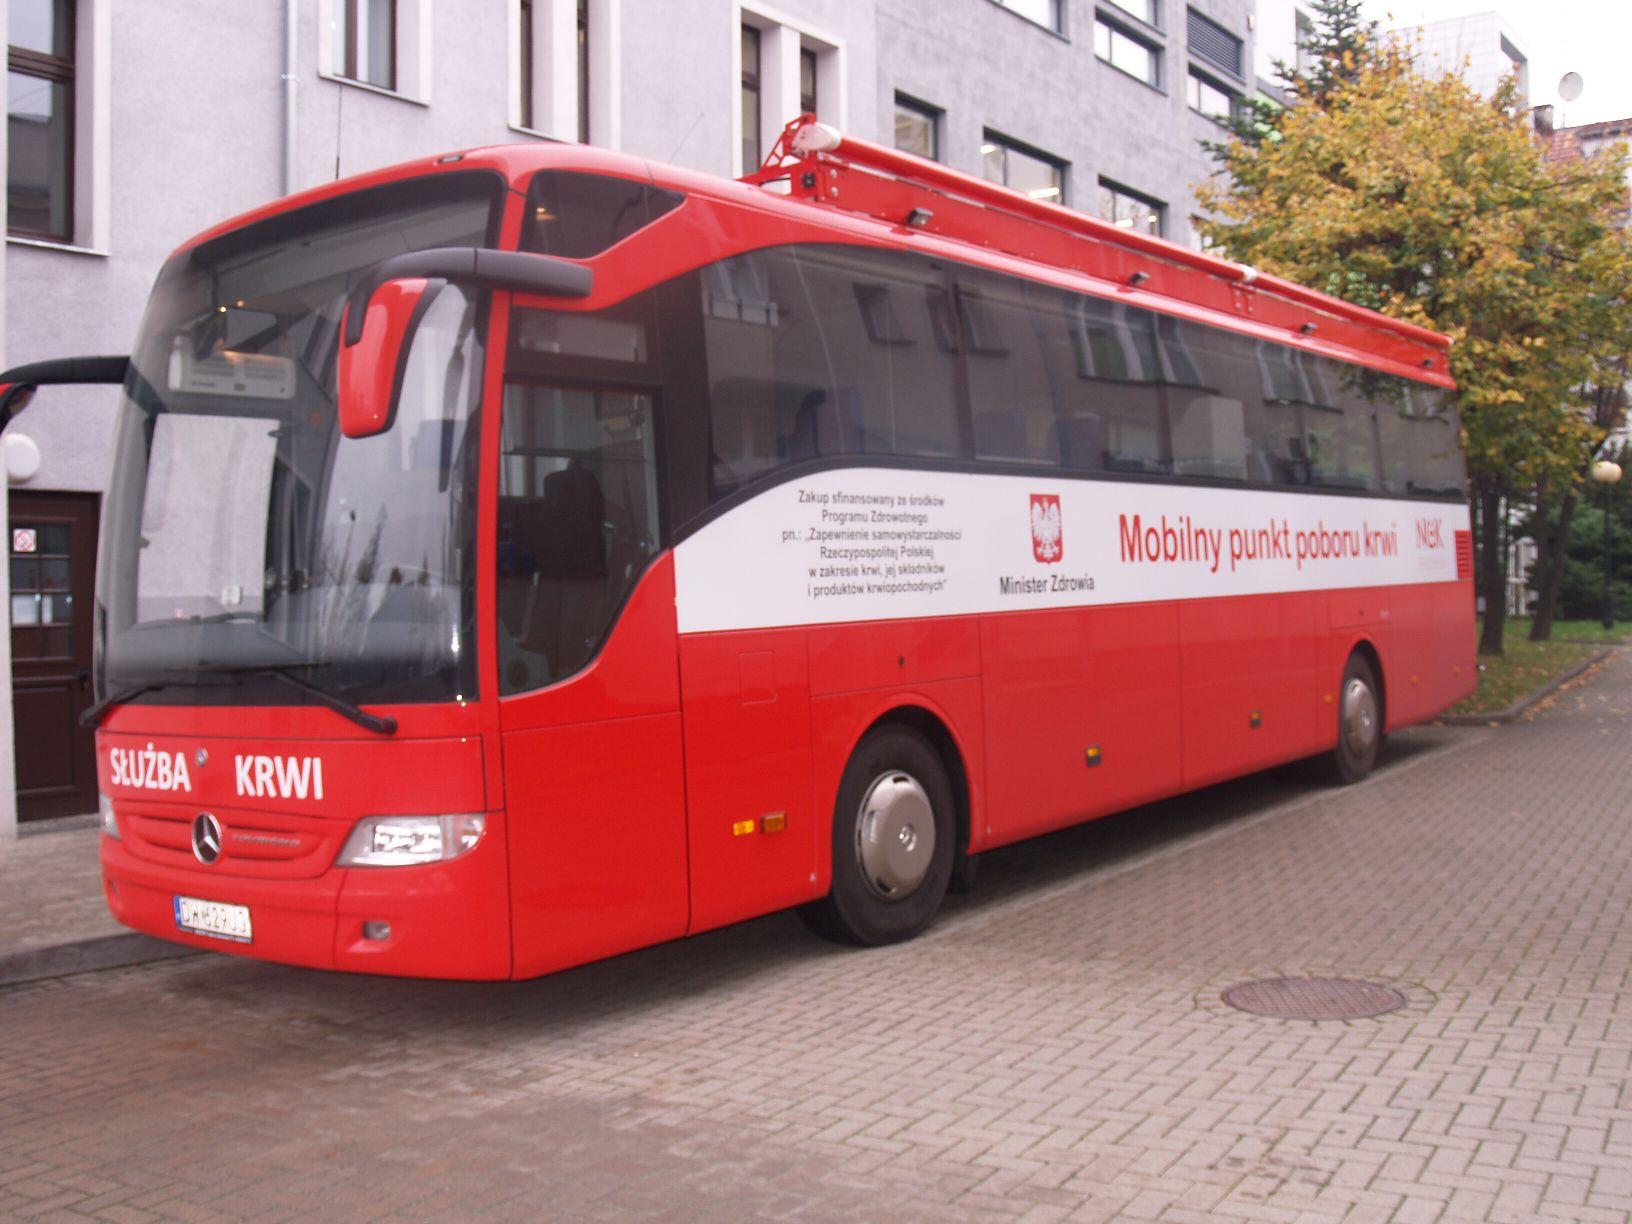 Mobilny punkt poboru krwi fot. wroclaw.pl